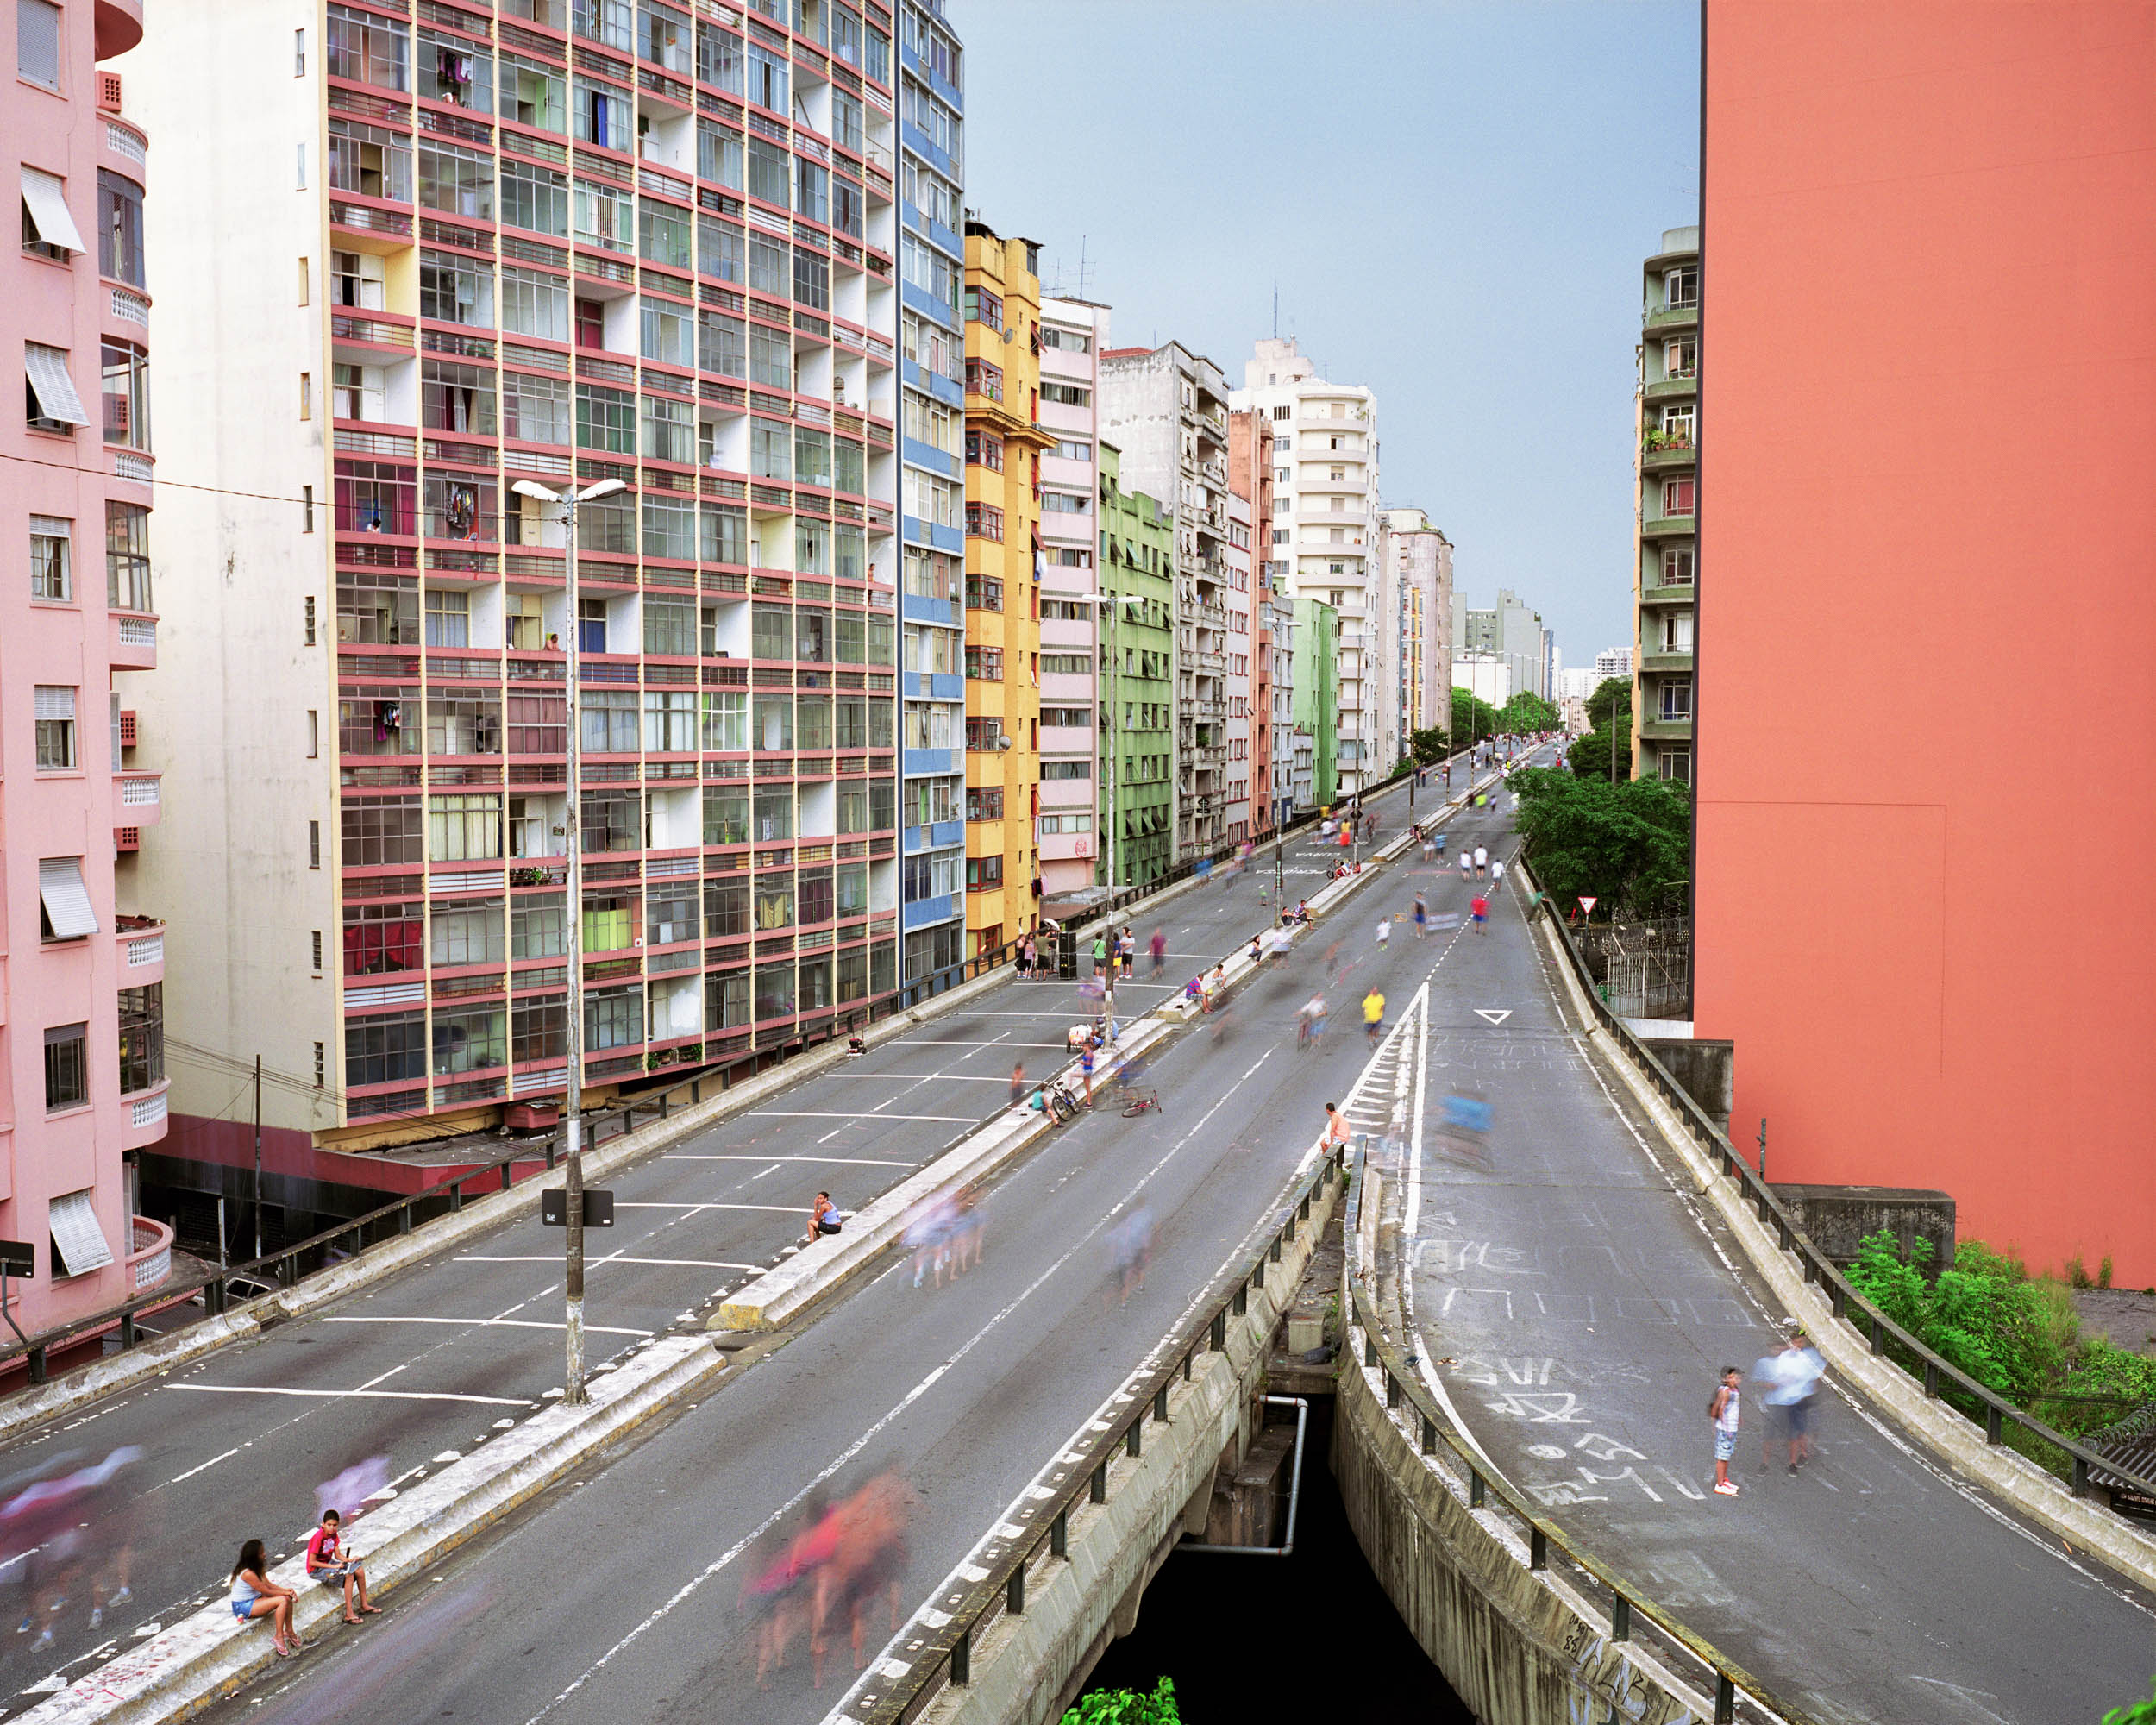 Elevado Costa e Silva, Se, Sao Paulo, Brazil